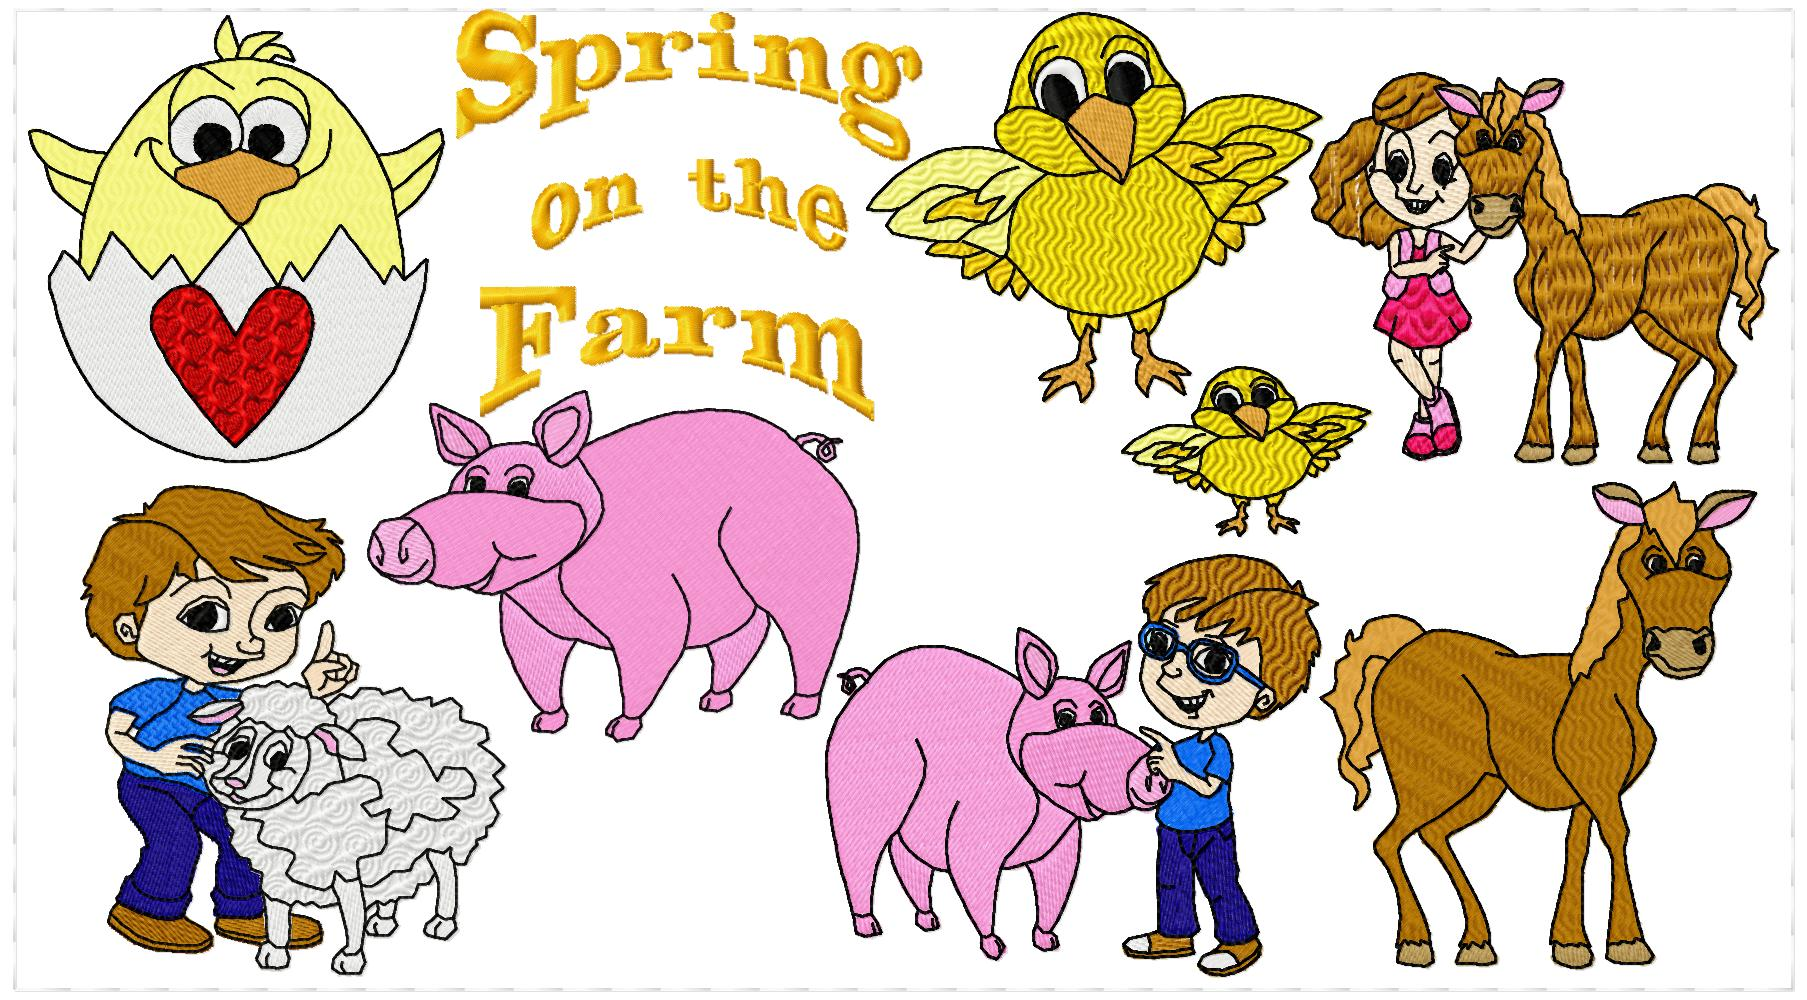 Springtime on the Farm-4